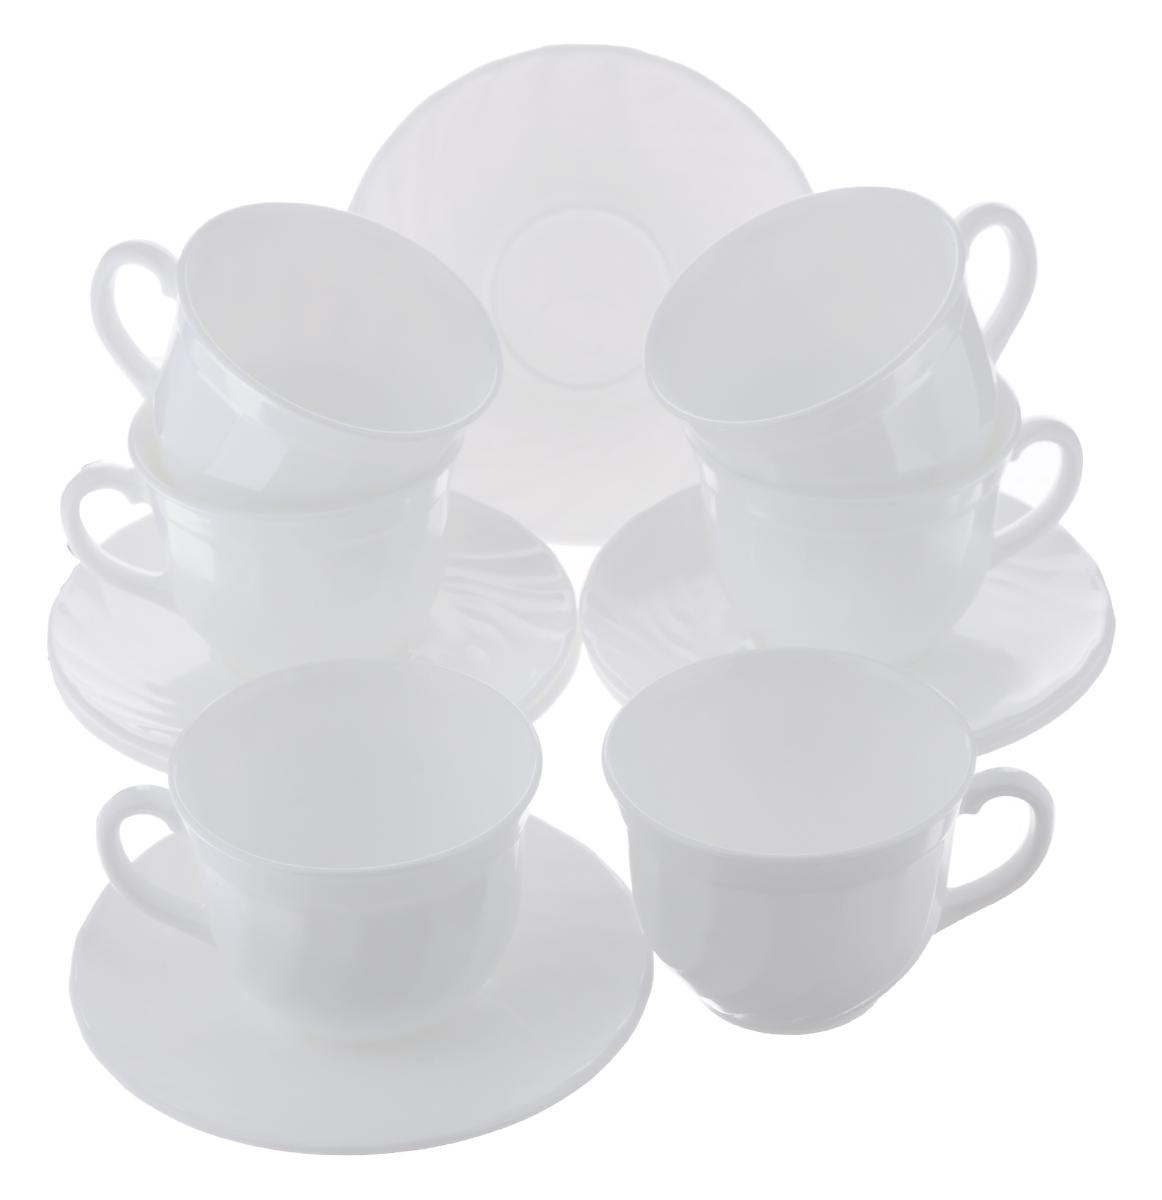 Набор чайный Luminarc Trianon, цвет: белый, 12 предметов115510Чайный набор Luminarc Trianon состоит из 6 чашек и 6 блюдец. Изделия, выполненные извысококачественного ударопрочного стекла, имеют элегантныйдизайн и классическую круглую форму. Посуда отличается прочностью,гигиеничностью и долгим сроком службы, она устойчива к появлению царапин ирезким перепадам температур. Такой набор прекрасно подойдет как для повседневного использования, так и дляпраздников. Чайный набор Luminarc Trianon - это не только яркий и полезный подарок для родных иблизких, это также великолепное дизайнерское решение для вашей кухни илистоловой. Объем чашки: 220 мл. Диаметр чашки (по верхнему краю): 8,7 см. Высота чашки: 6,8 см.Диаметр блюдца (по верхнему краю): 14 см.Высота блюдца: 1,5 см.